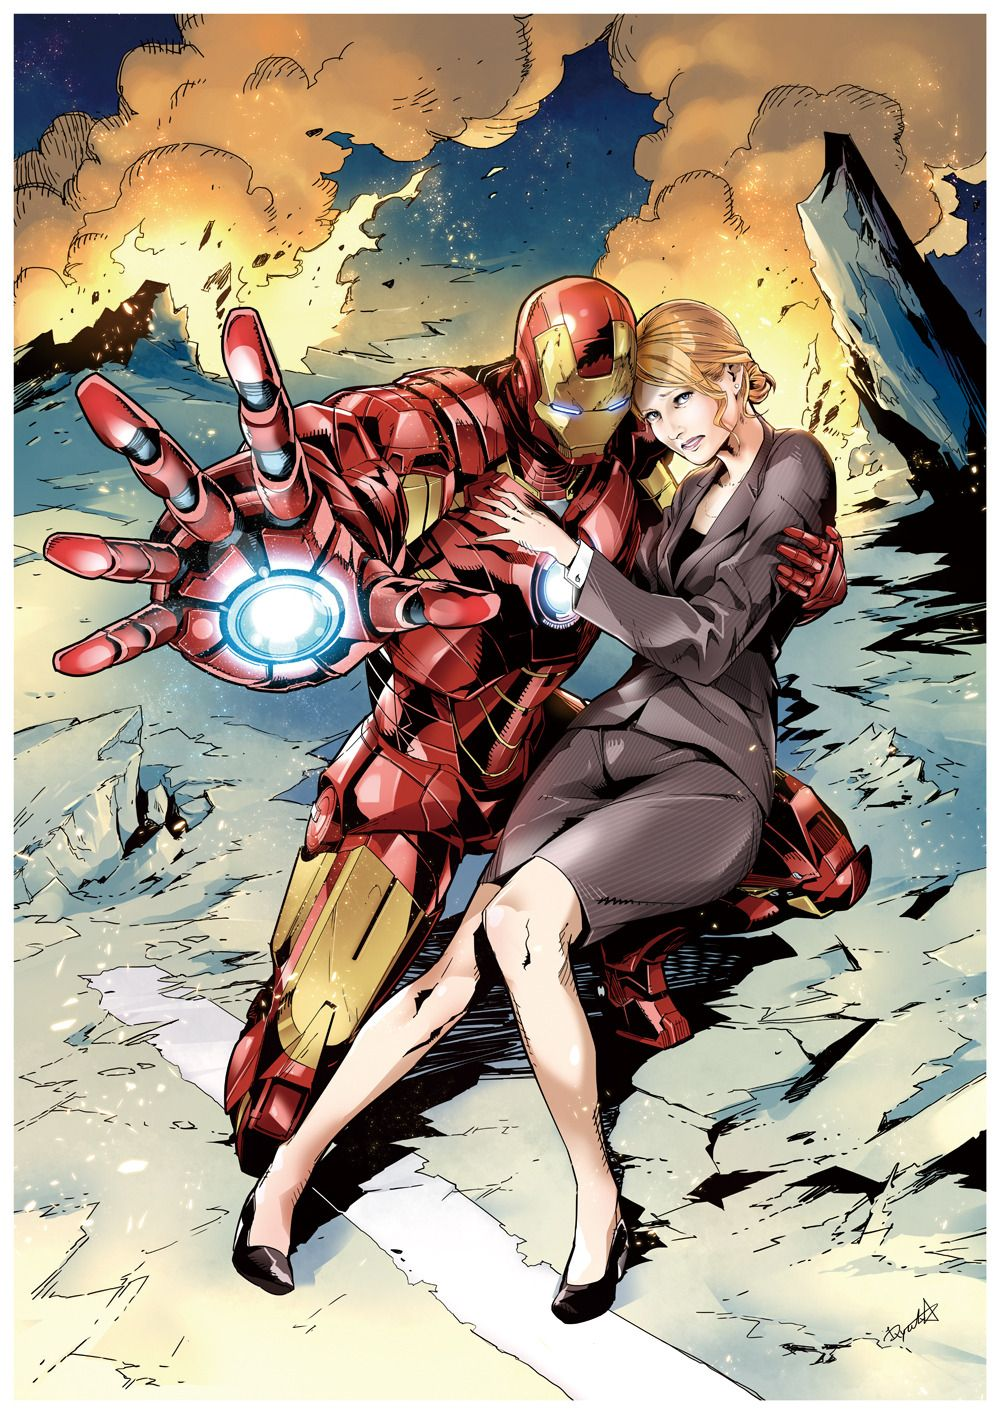 cartoon avengers sex vidoe hot xxx